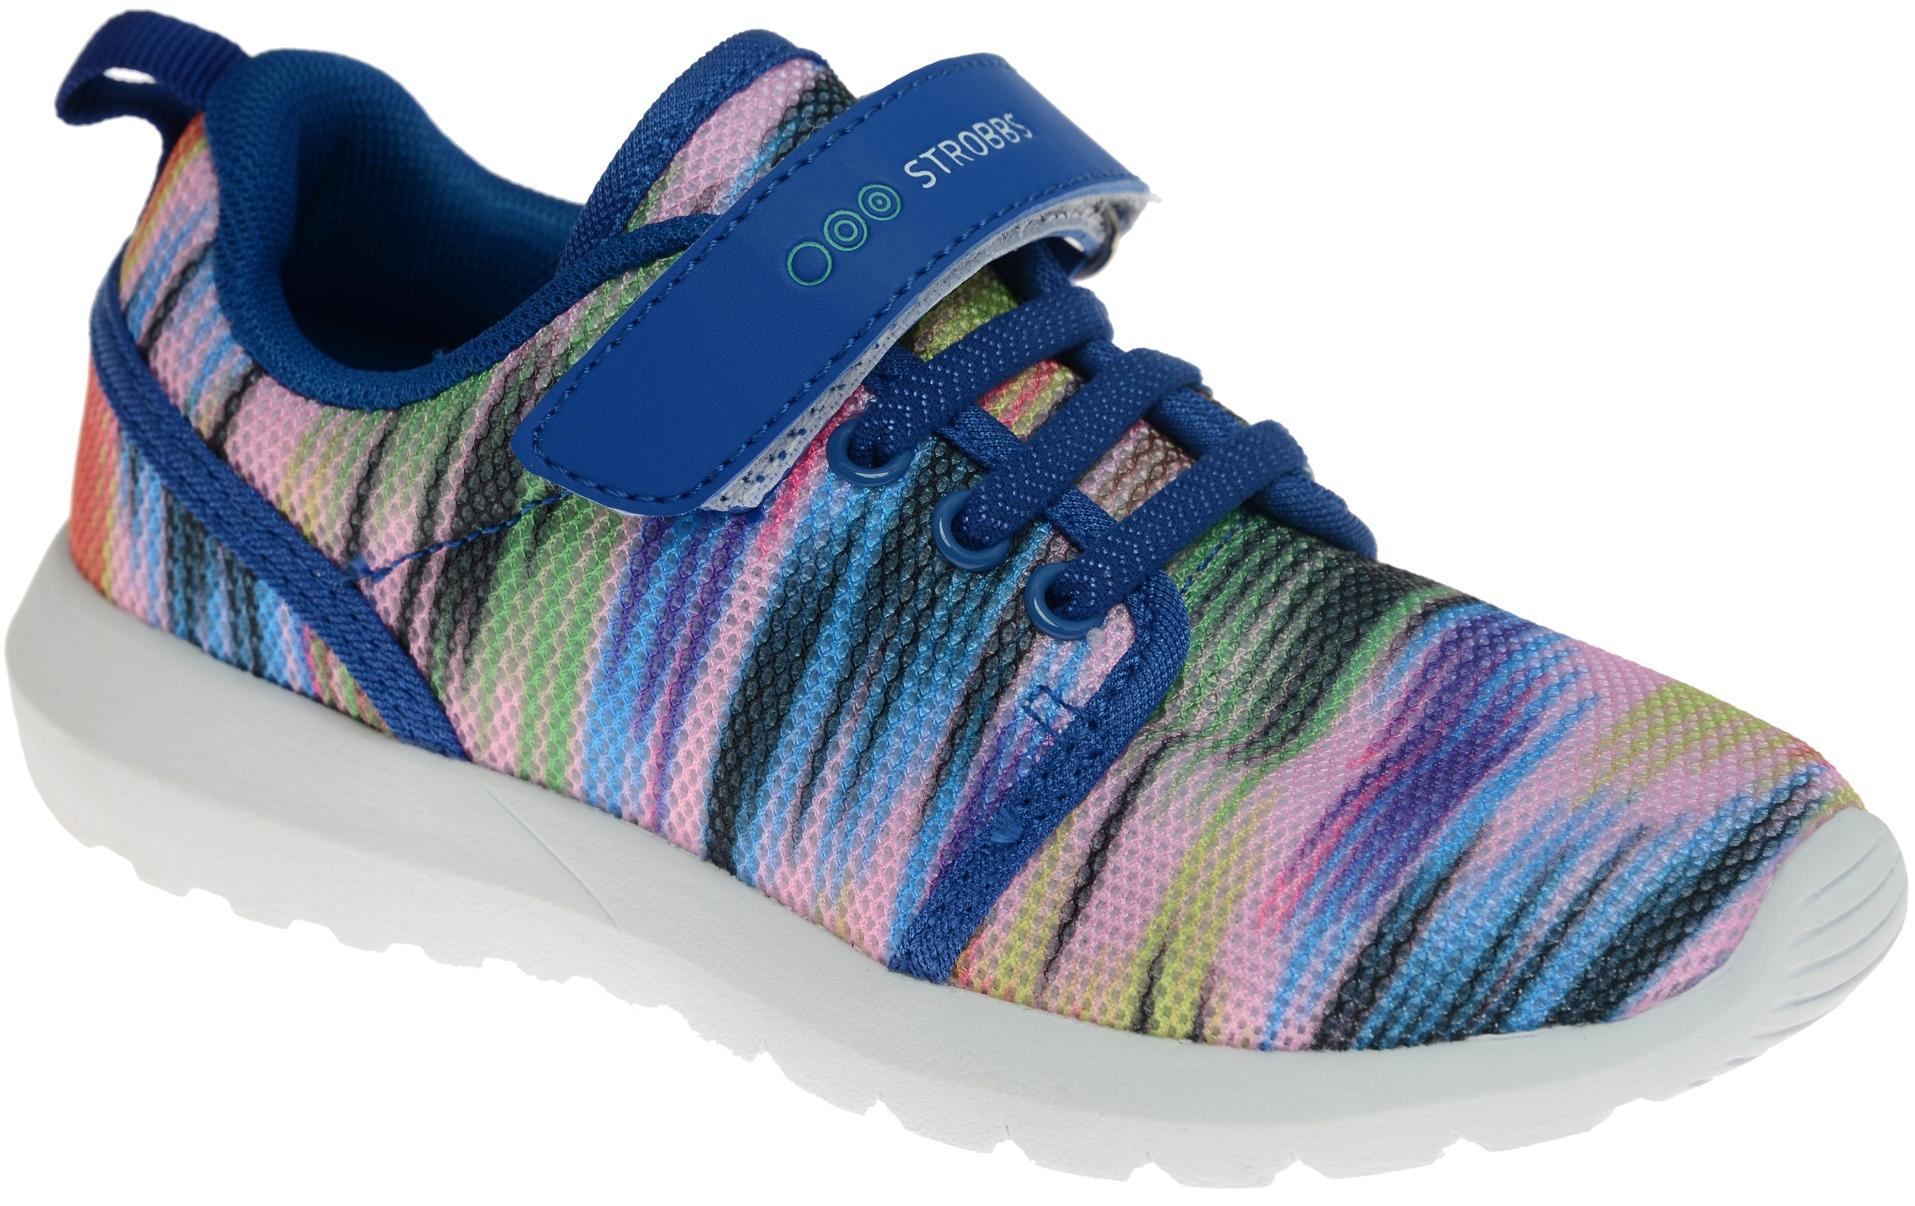 КроссовкиN1543-22Стильные кроссовки для девочки Strobbs отлично подойдут для активного отдыха и повседневной носки. Верх модели выполнен из дышащего текстиля. Удобная шнуровка и хлястик на липучке надежно зафиксируют модель на стопе. Особая форма подошвы обеспечит удобство при ходьбе и отличную амортизацию.